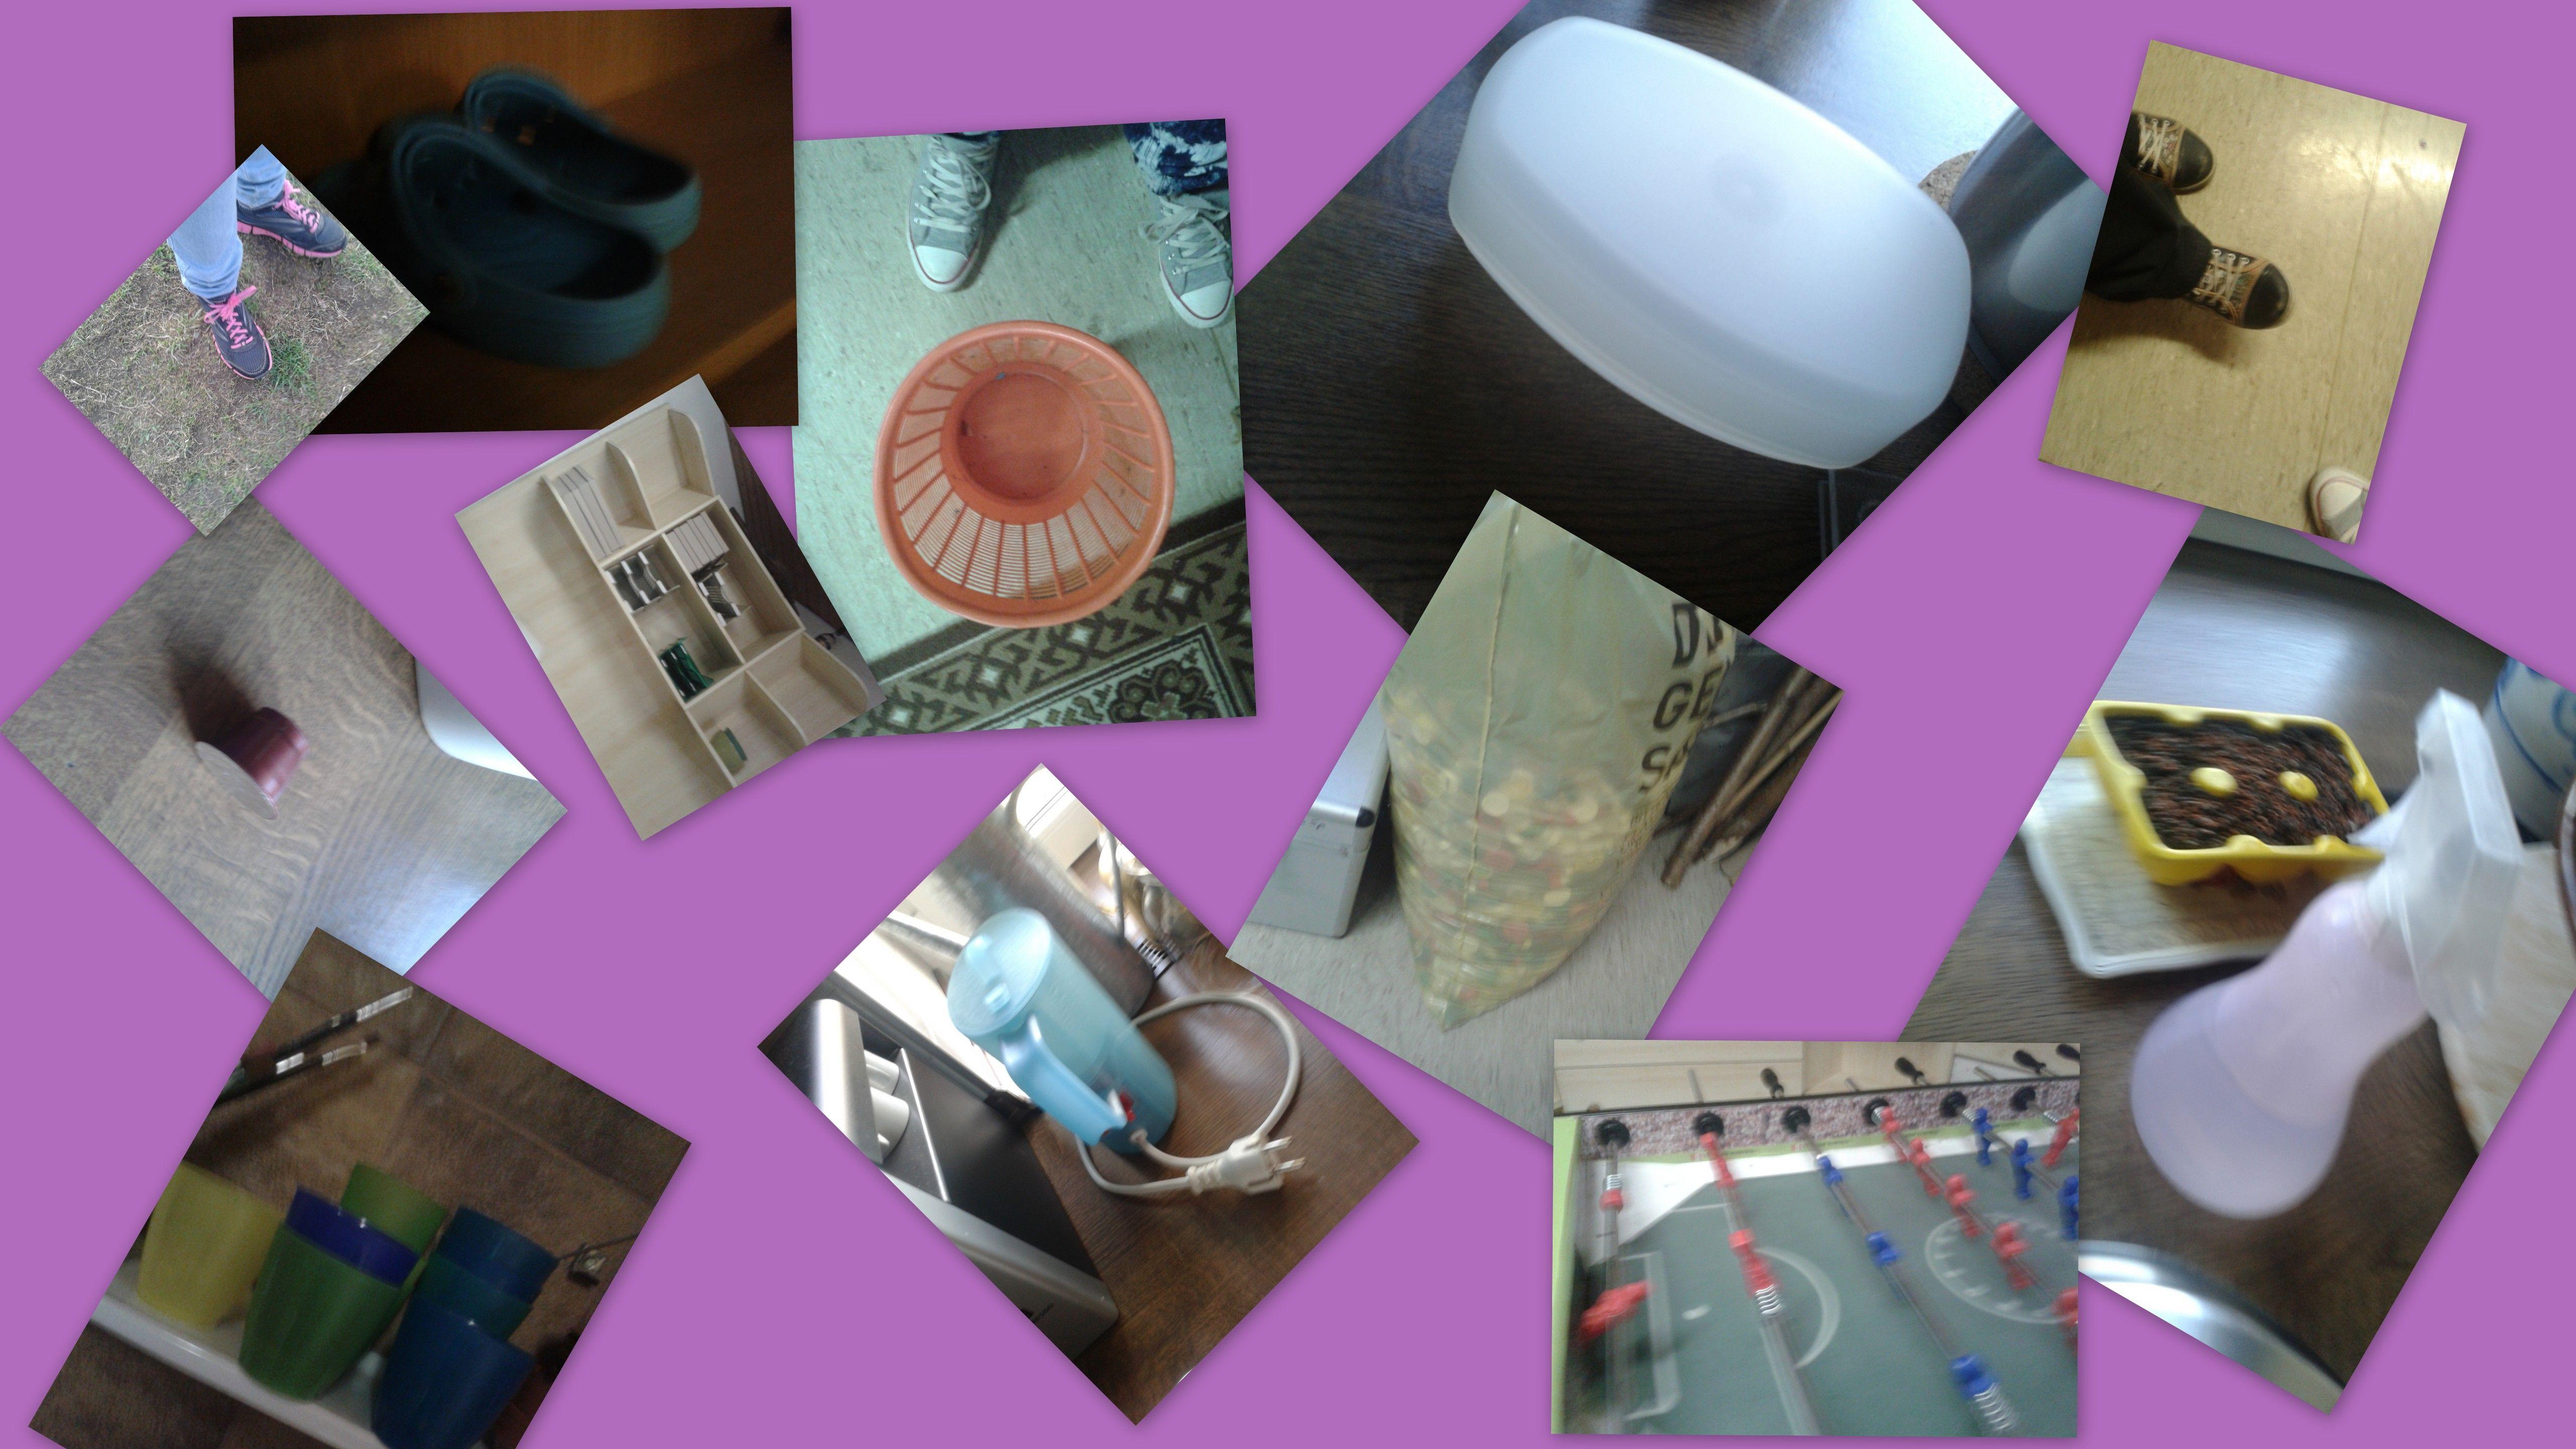 Die meisten Dinge bei uns Zuhause bestehen aus Plastik. | Plastik ...